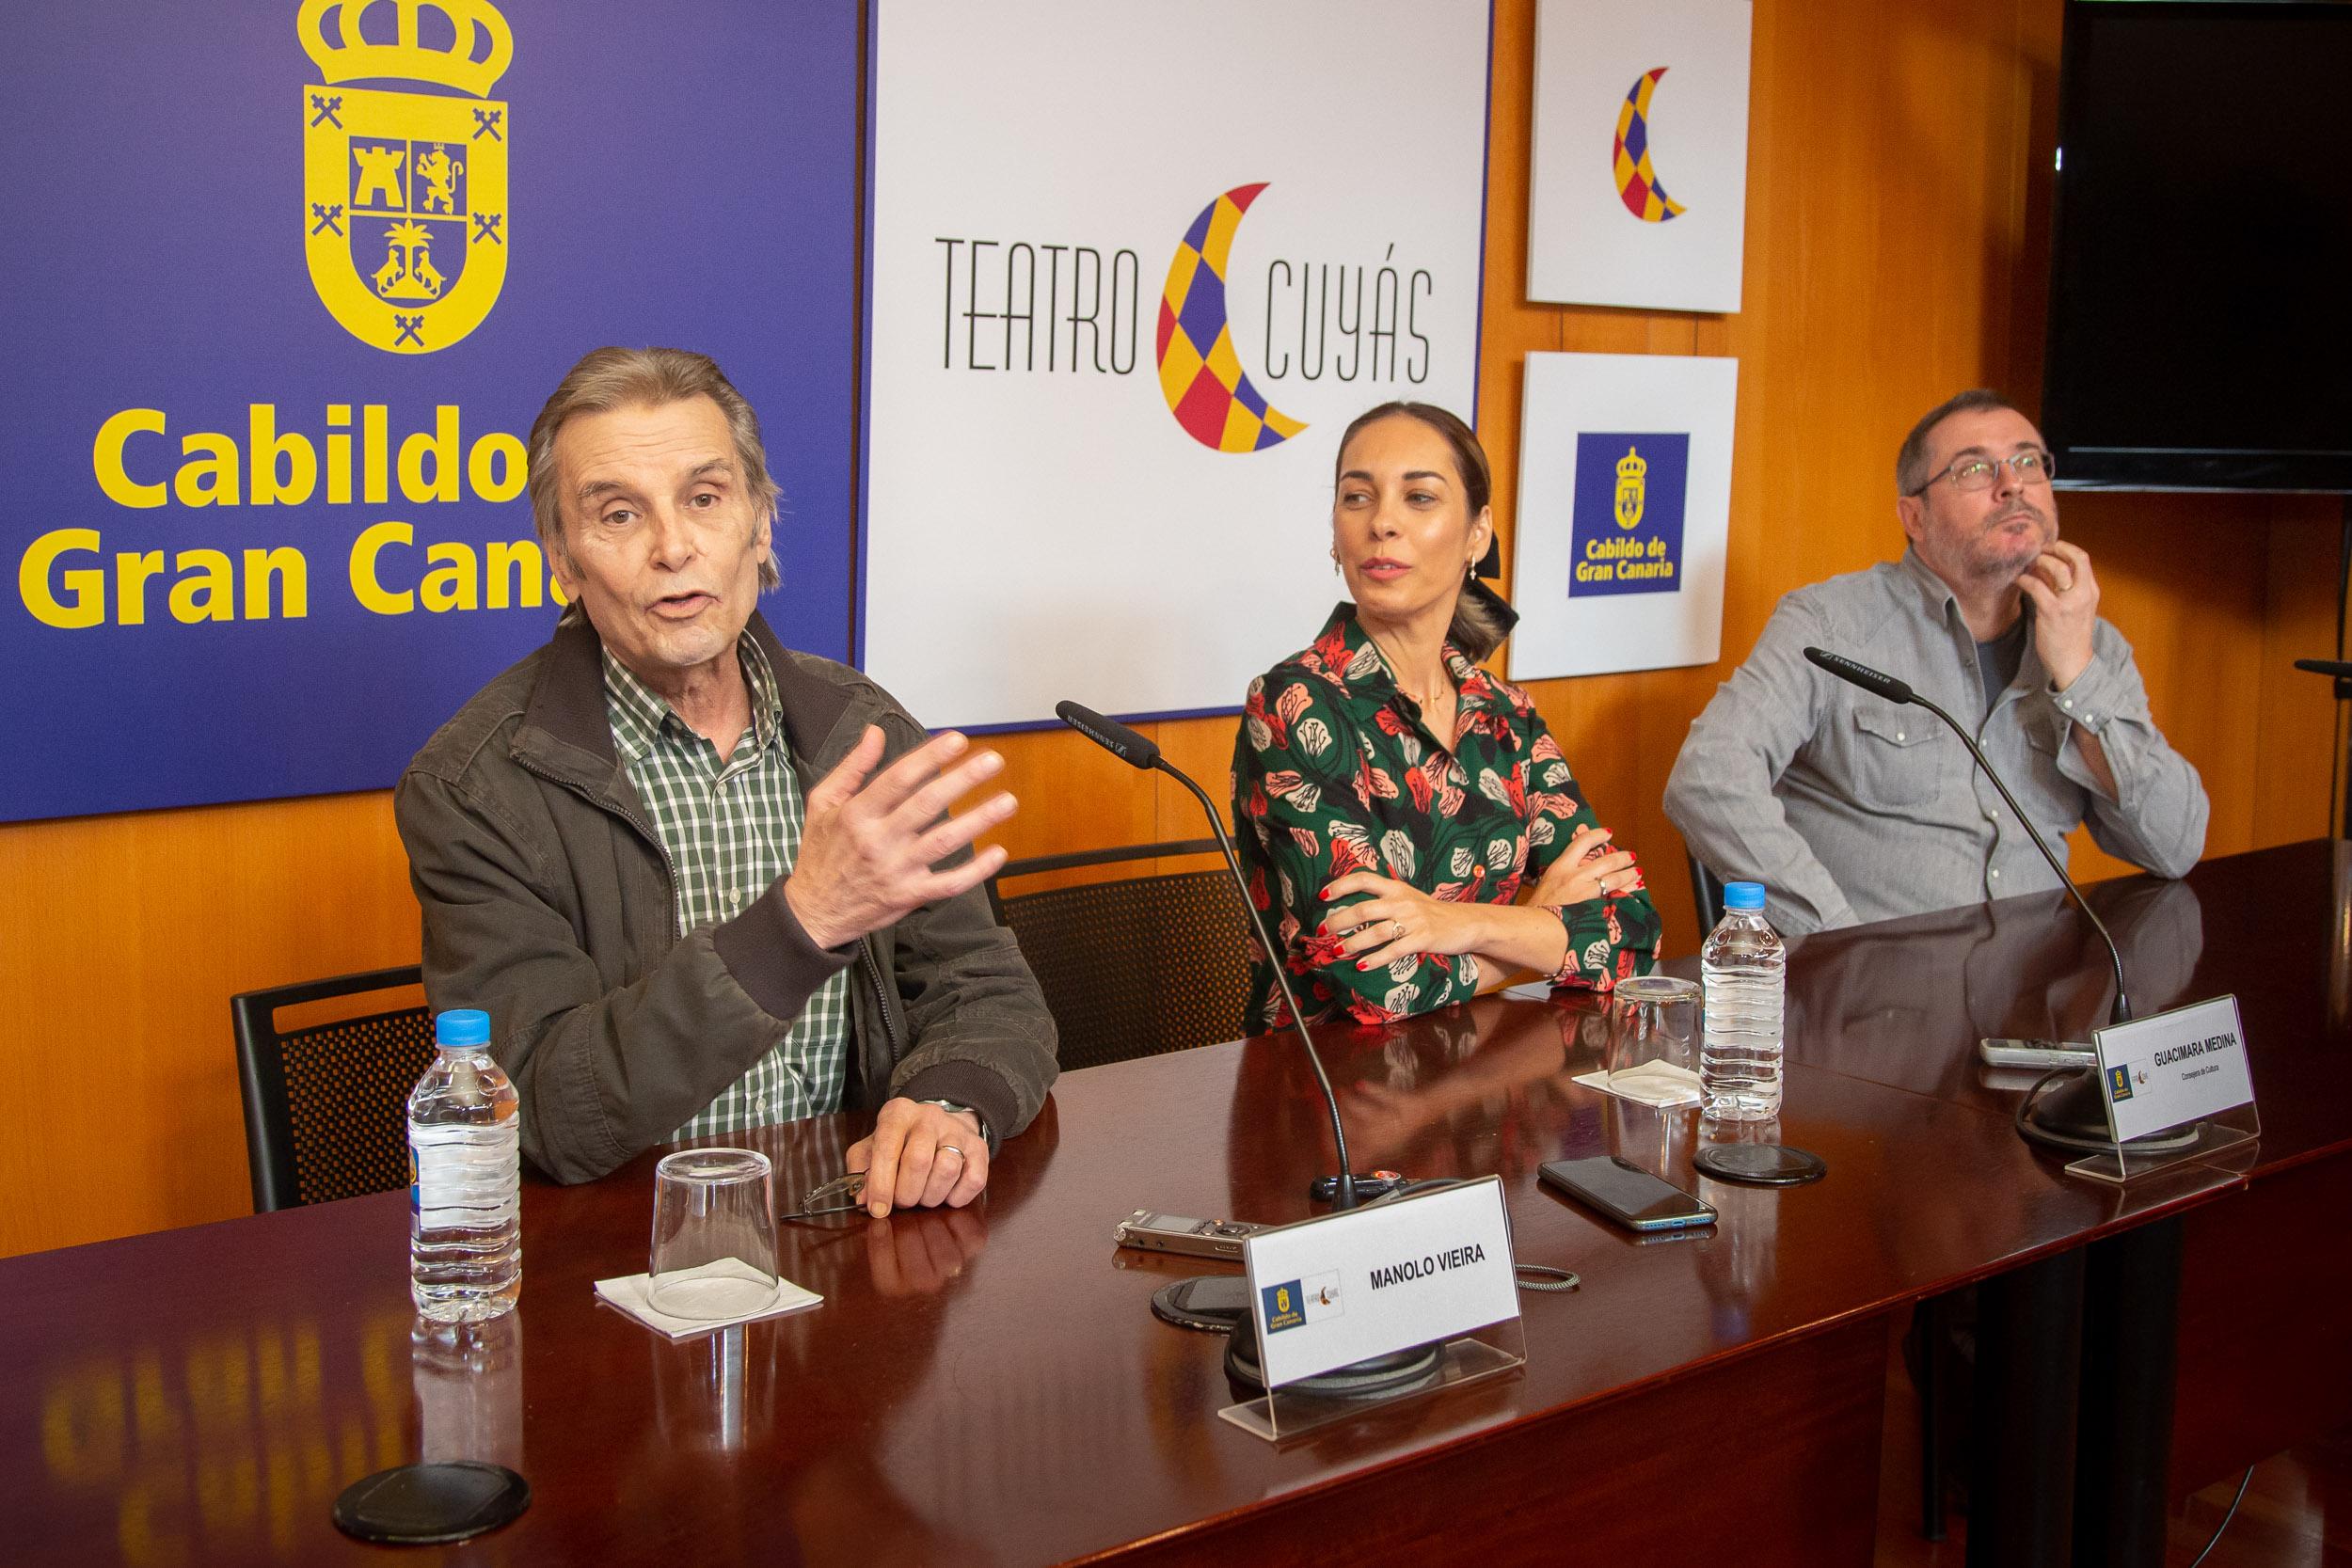 Manolo Vieira presentará en el Cuyás su nuevo espectáculo